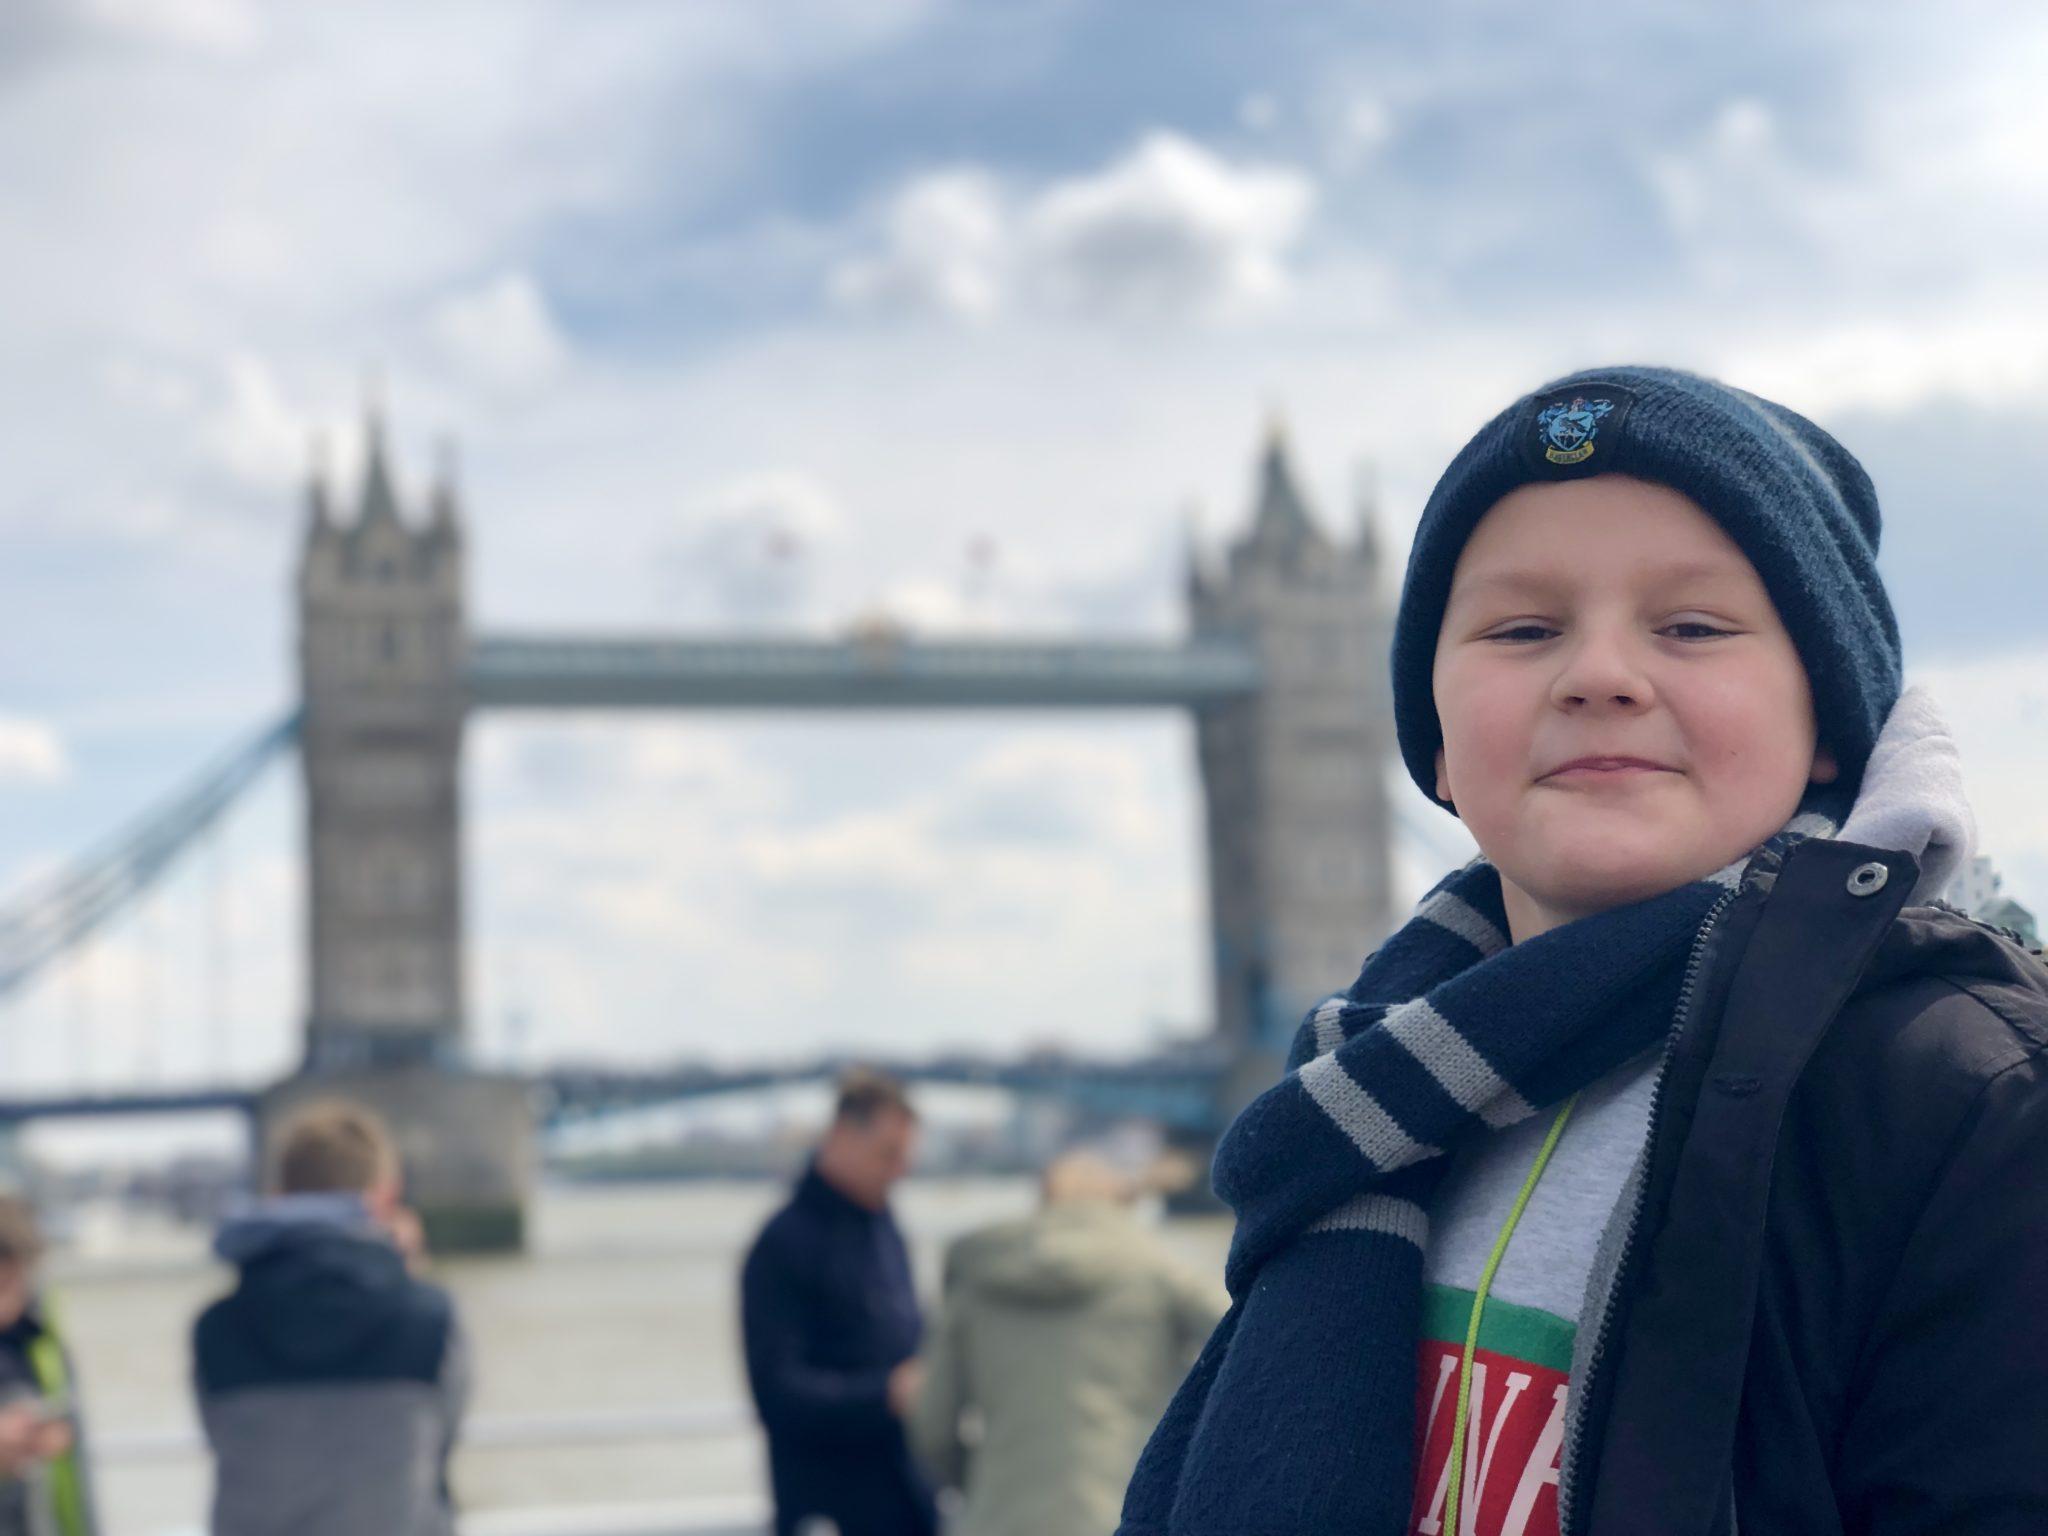 Ein echtes Erlebnis war die Fahrt unter der Tower Bridge hindurch. Ich empfehle: Wer zum ersten Mal nach London kommt, sollte mit dem Boot in die Stadt reinfahren.